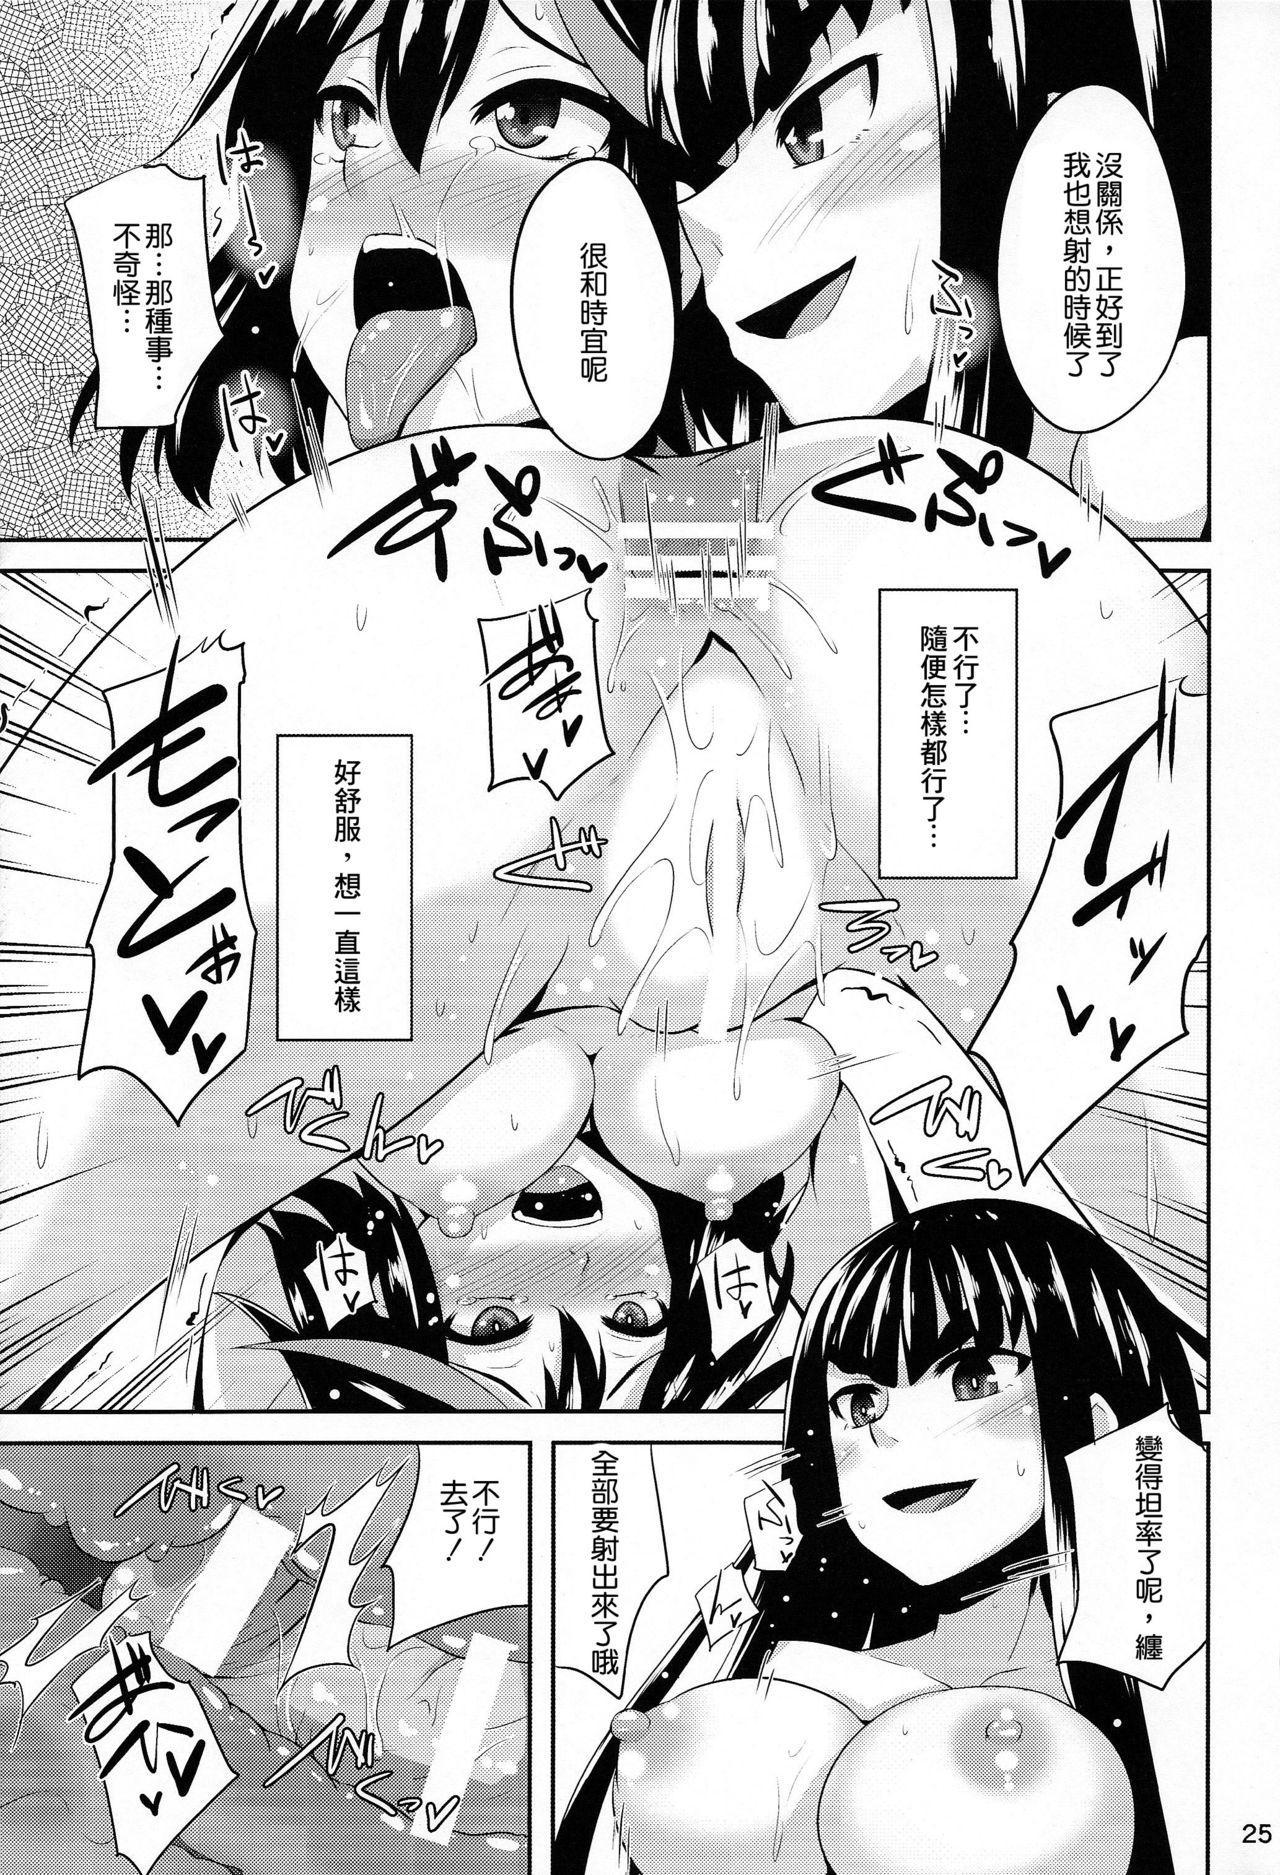 Satsuki-Ryu 25